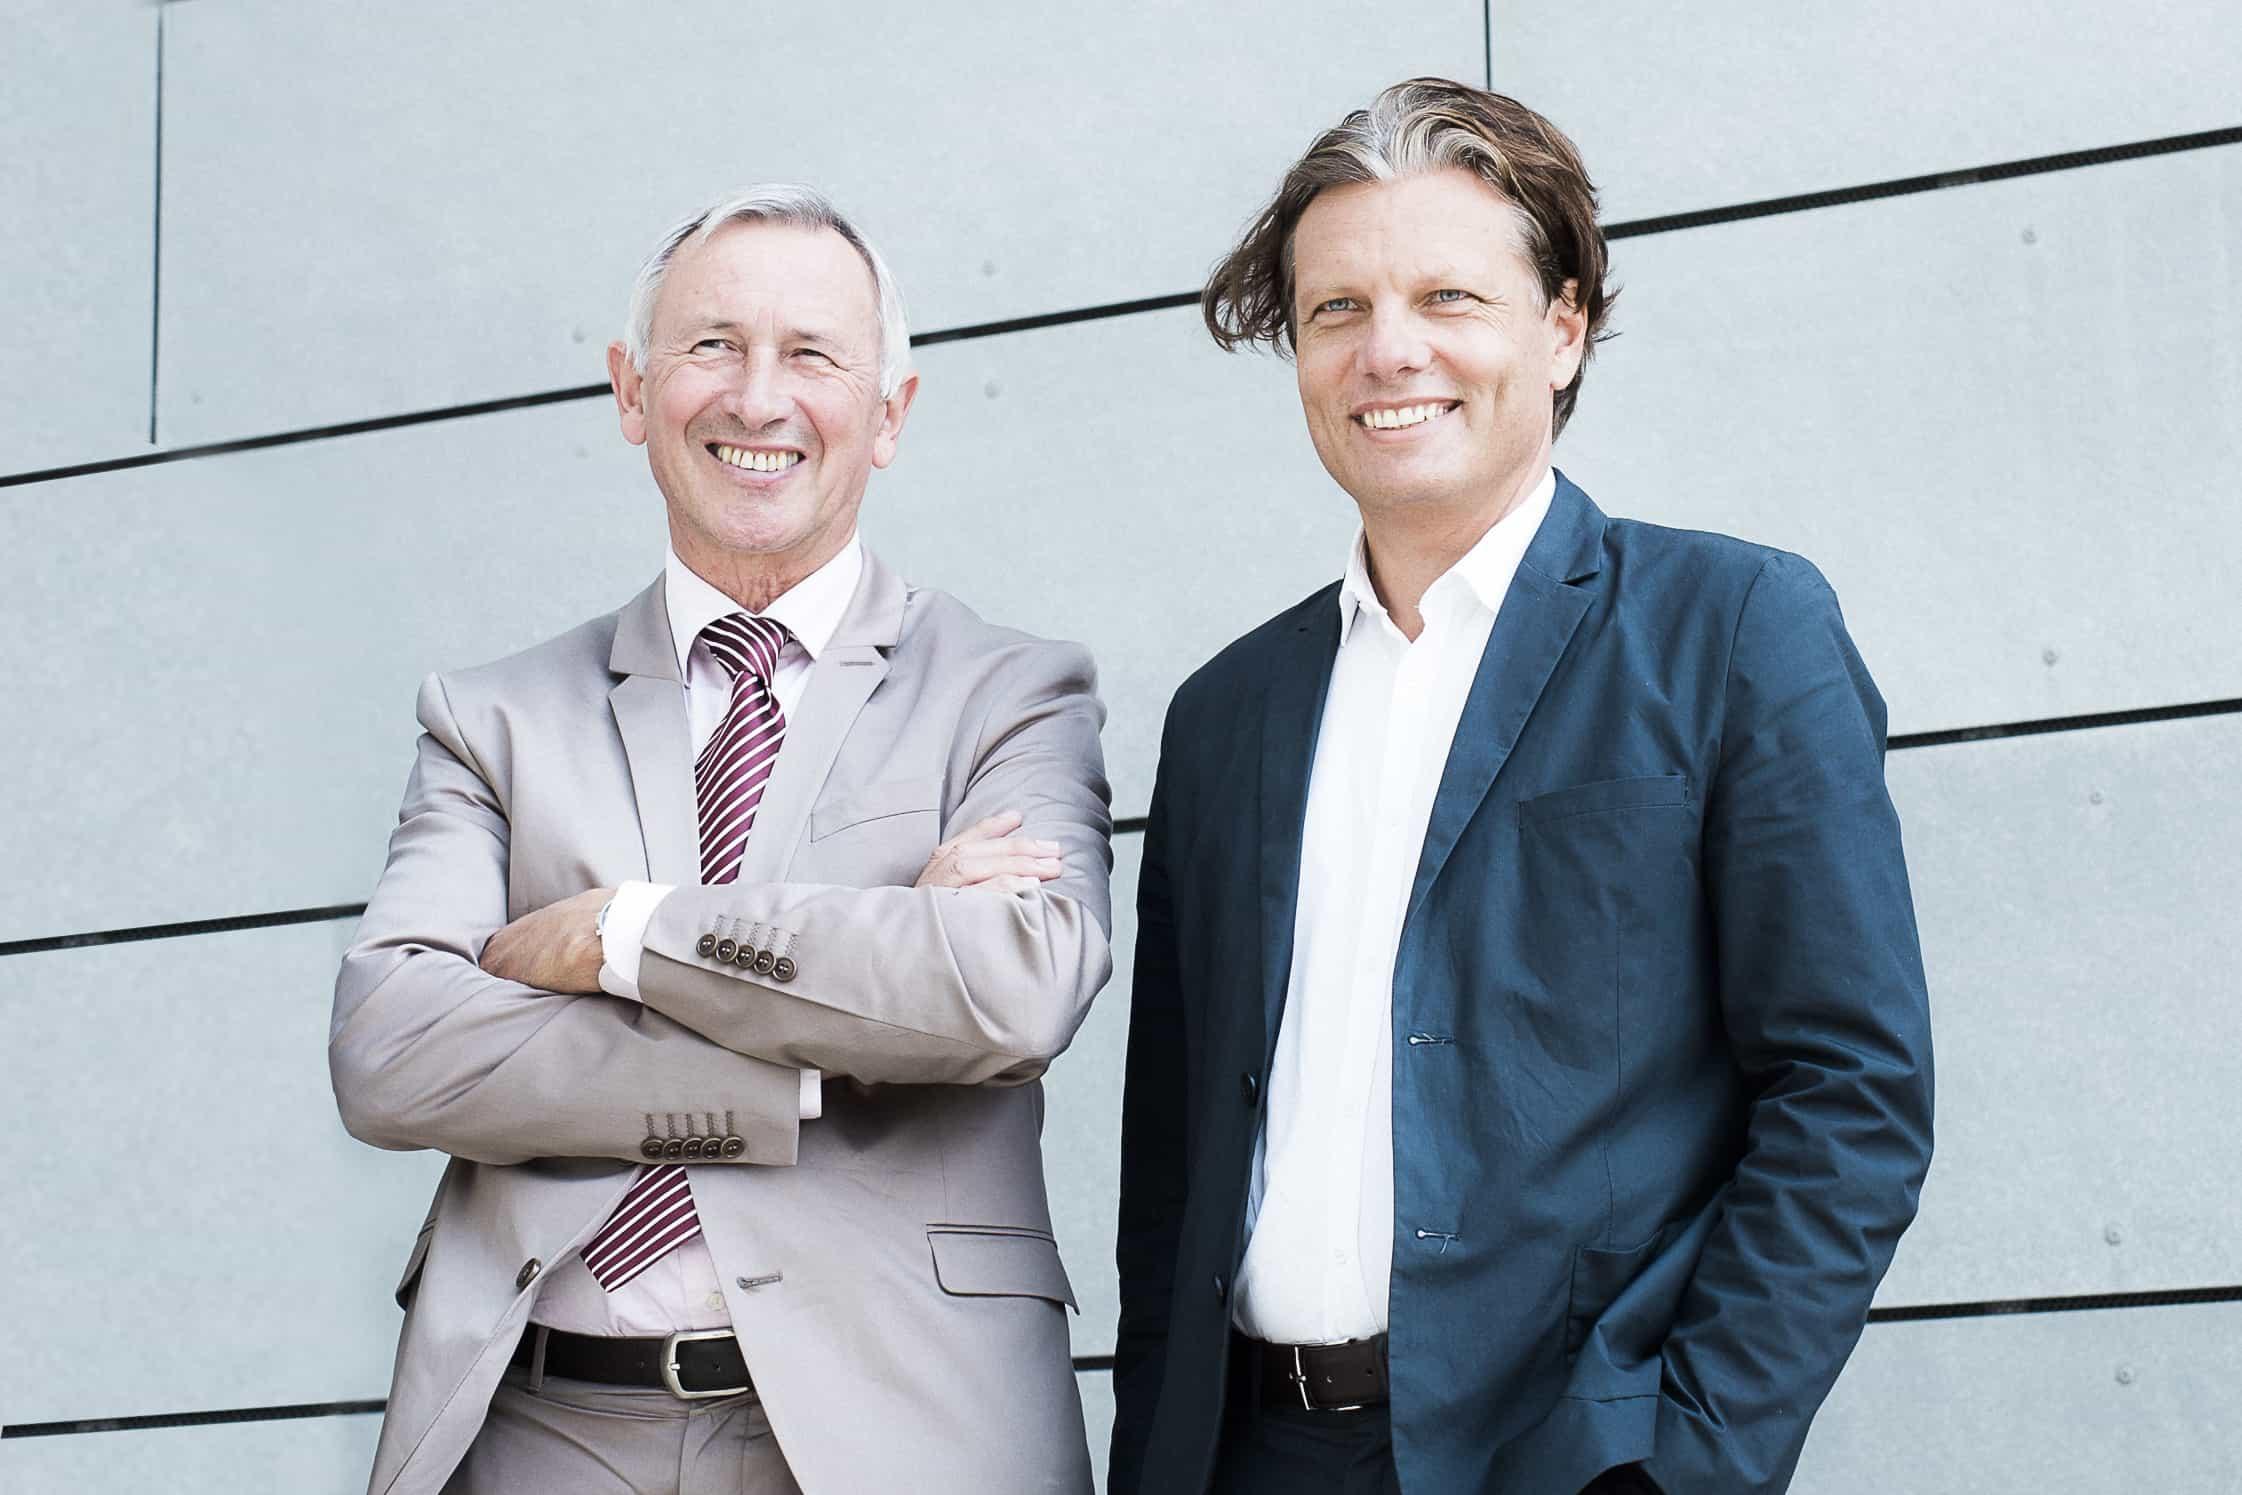 Geschäftsführer der FH JOANNEUM Karl Peter Pfeiffer und Abteilungsleiter Personal und Recht Peter Reininghaus.